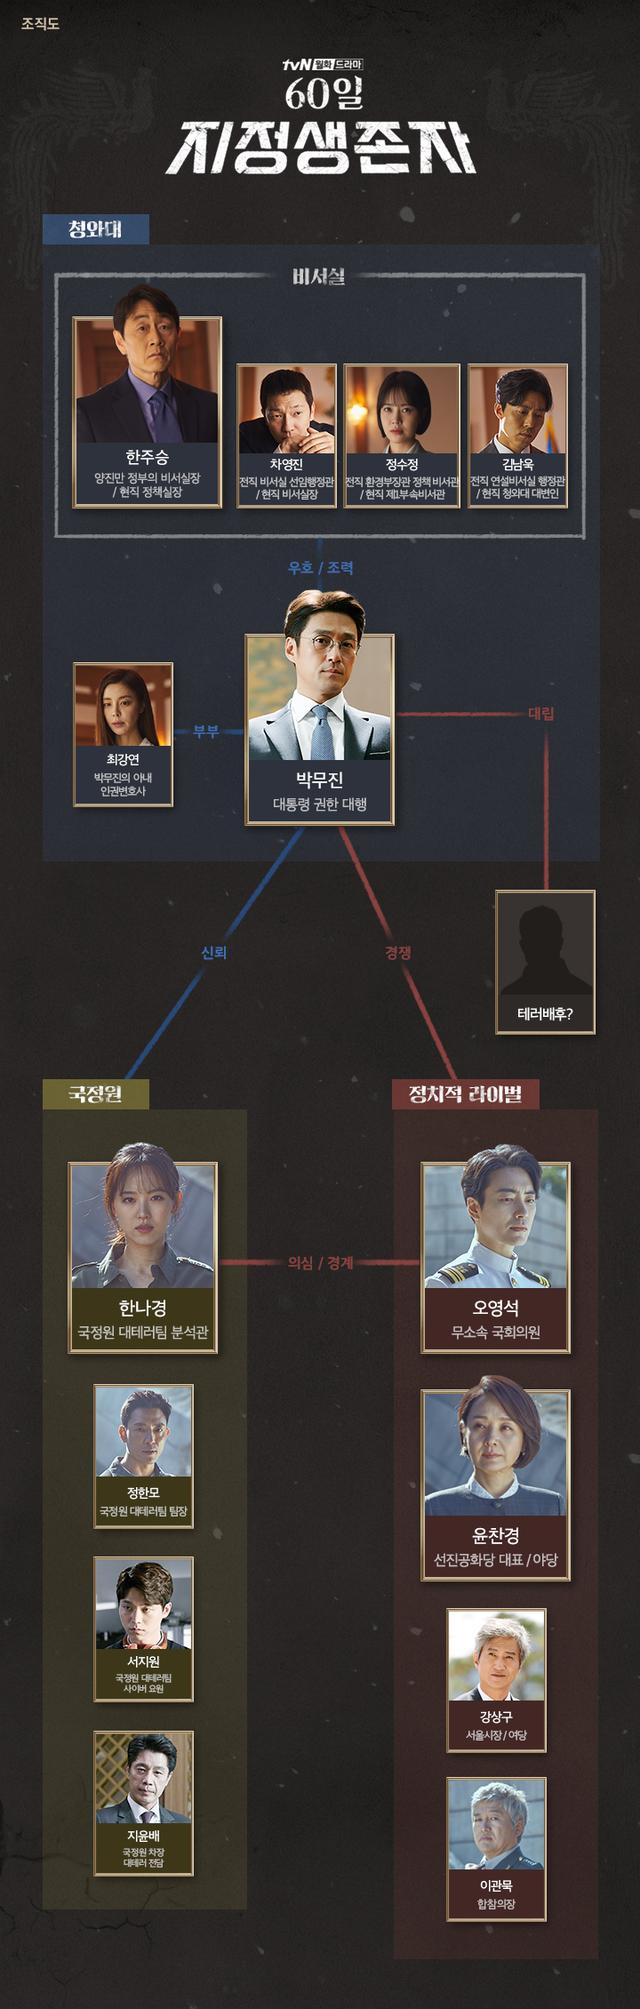 韓国ドラマ【サバイバー:60日間の大統領】の登場人物相関図